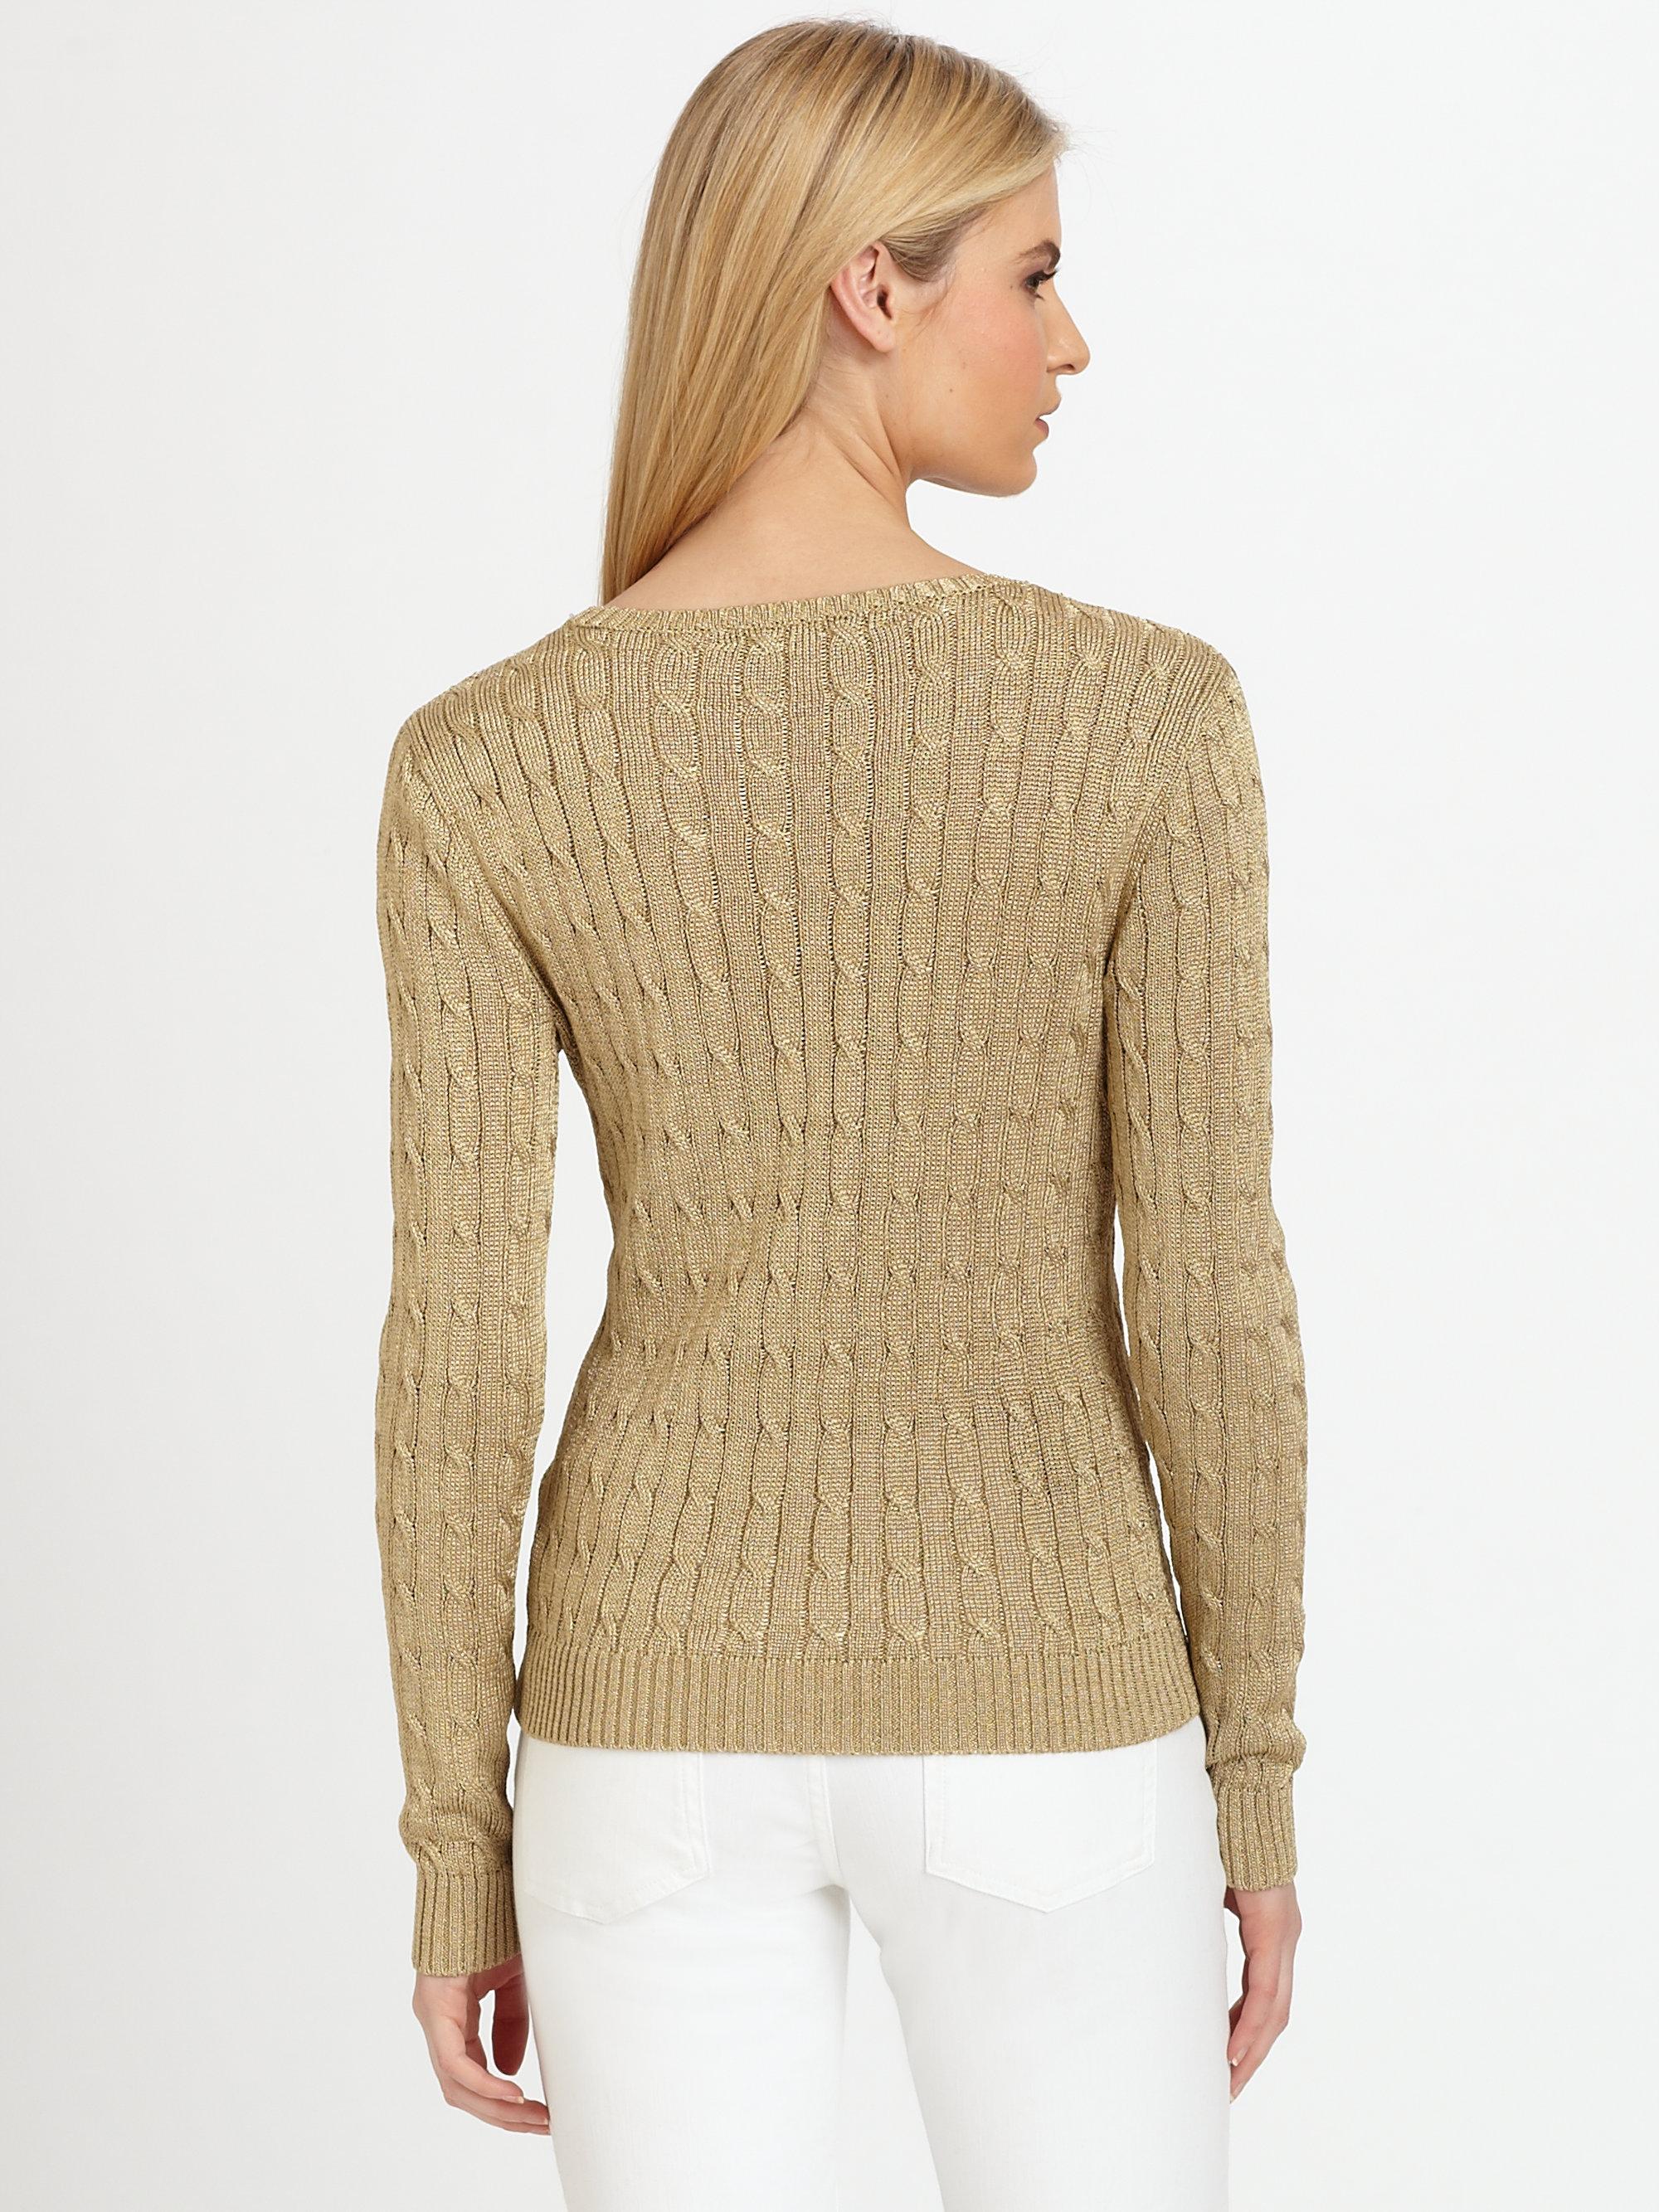 Ralph lauren black label Metallic Cableknit Sweater in Metallic | Lyst